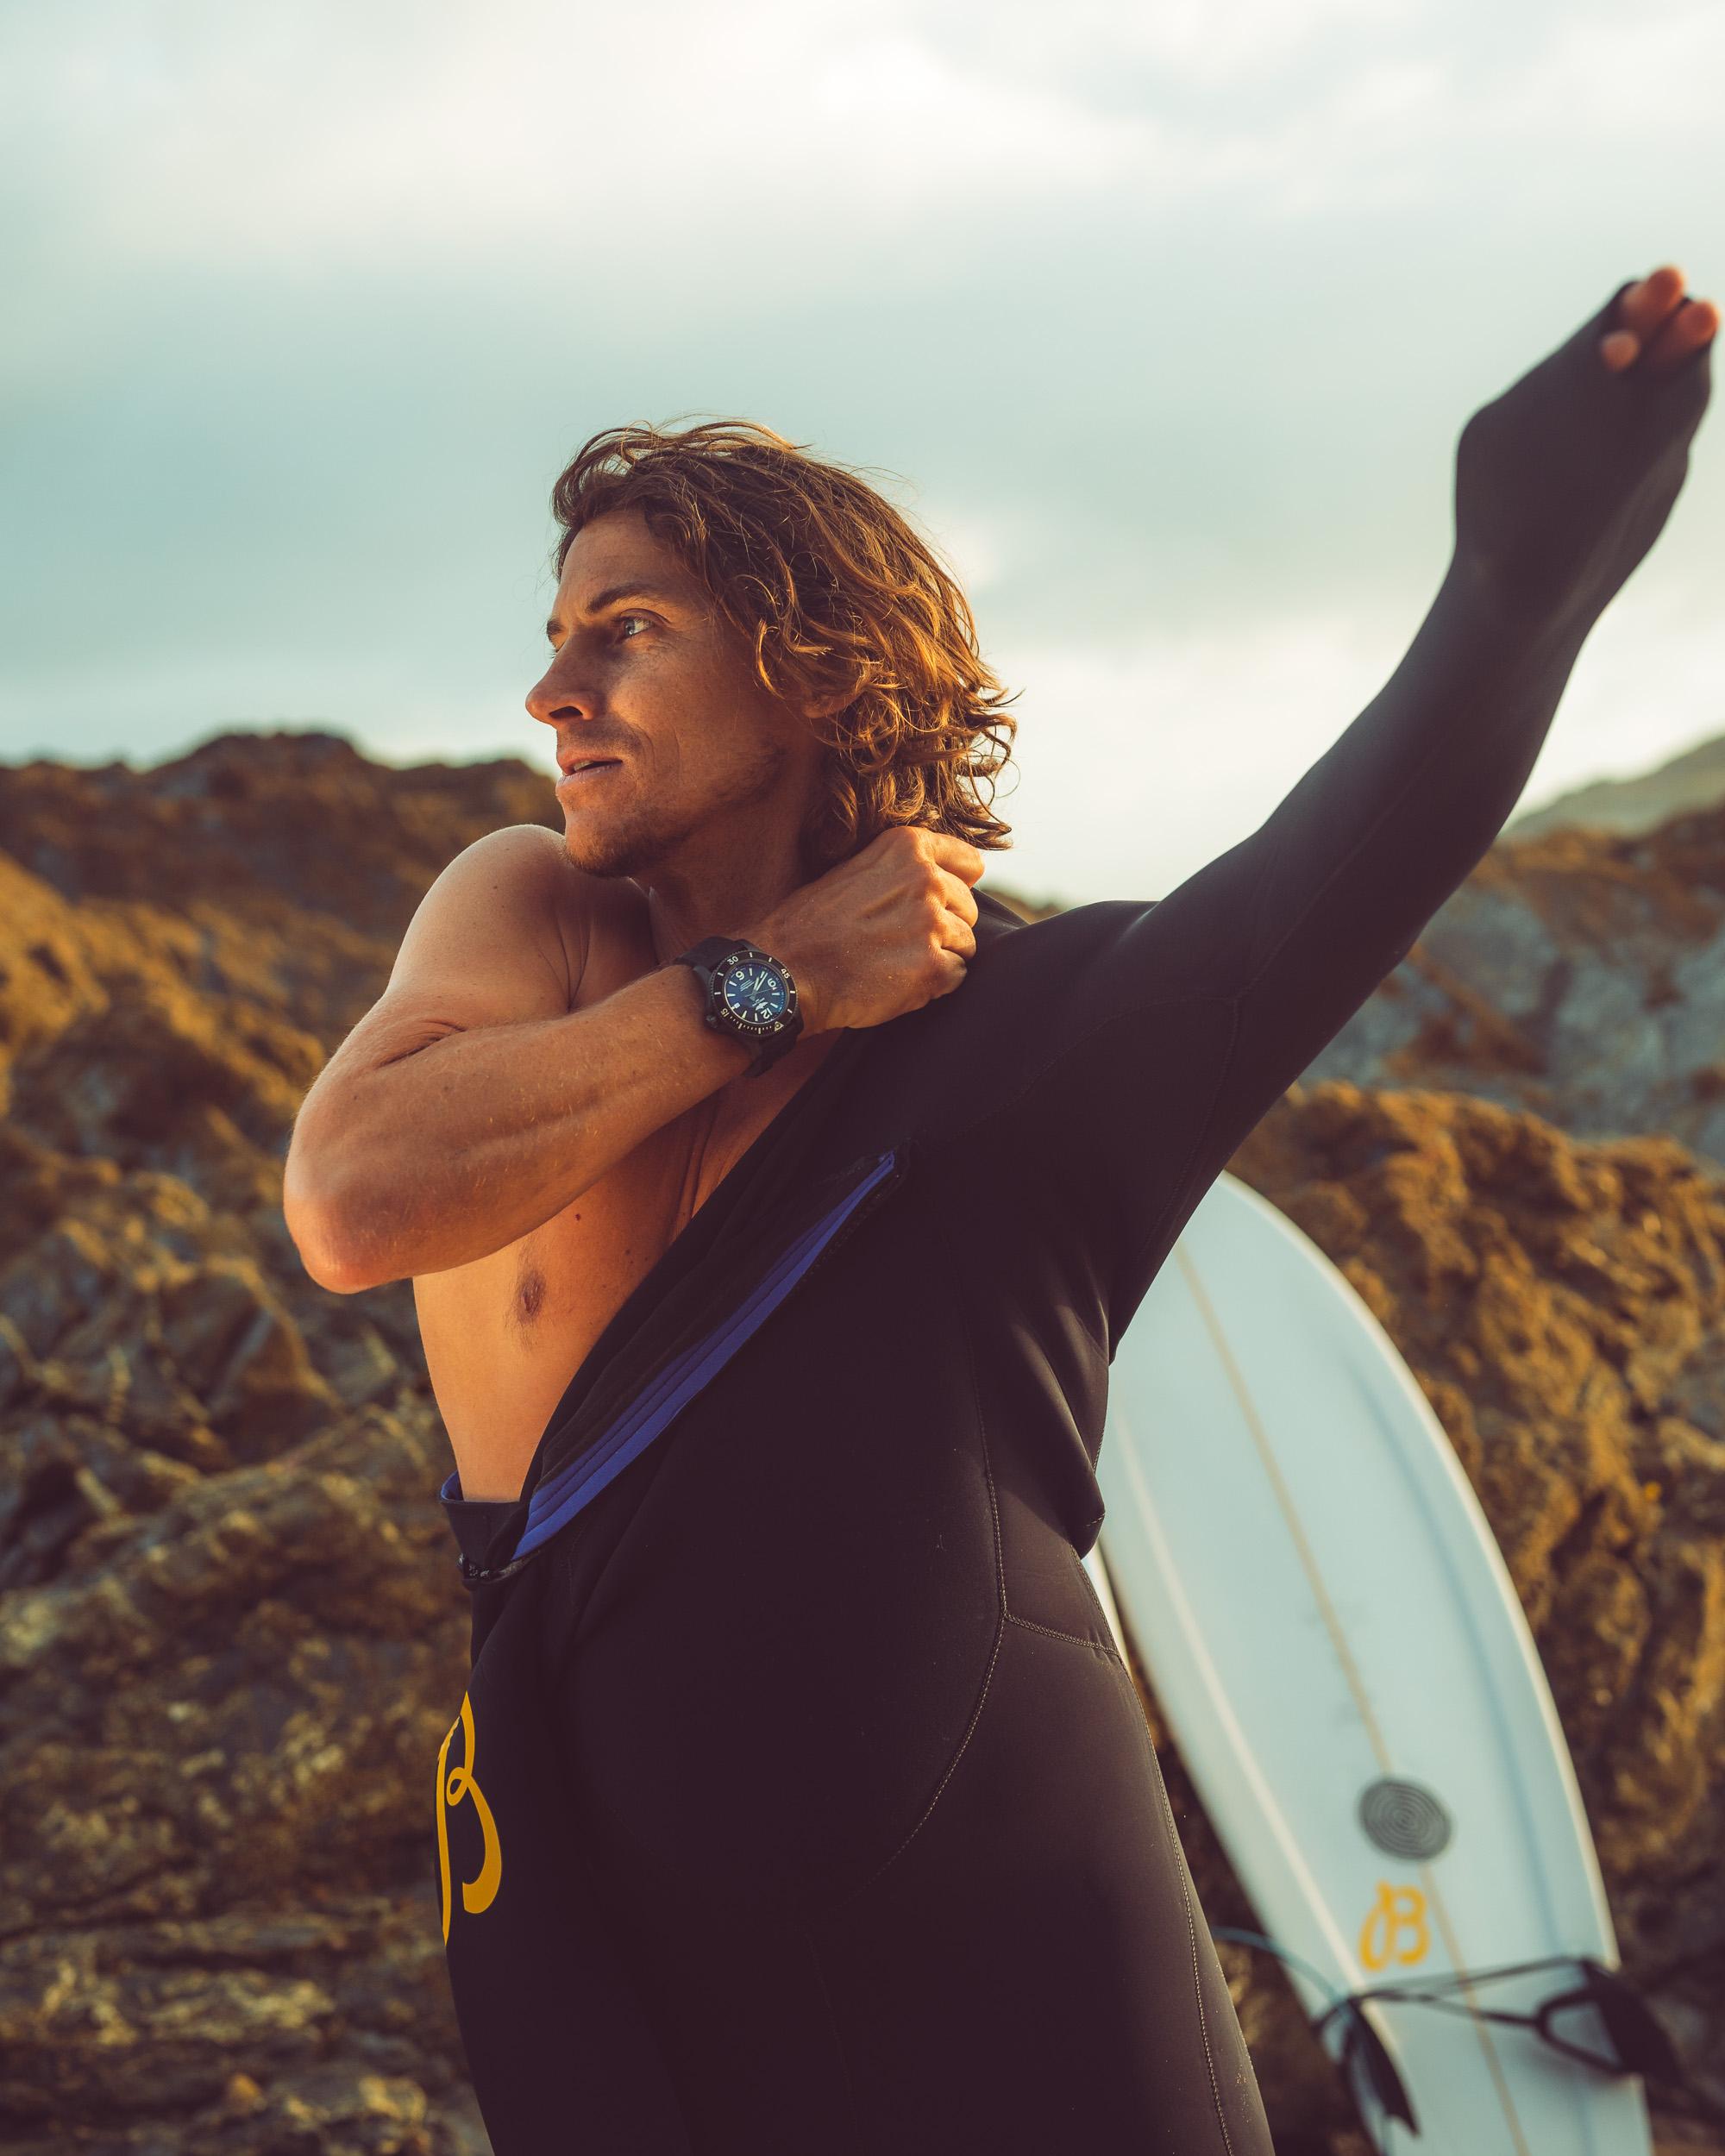 BREITLING-SURF-Finn-Beales-111.jpg